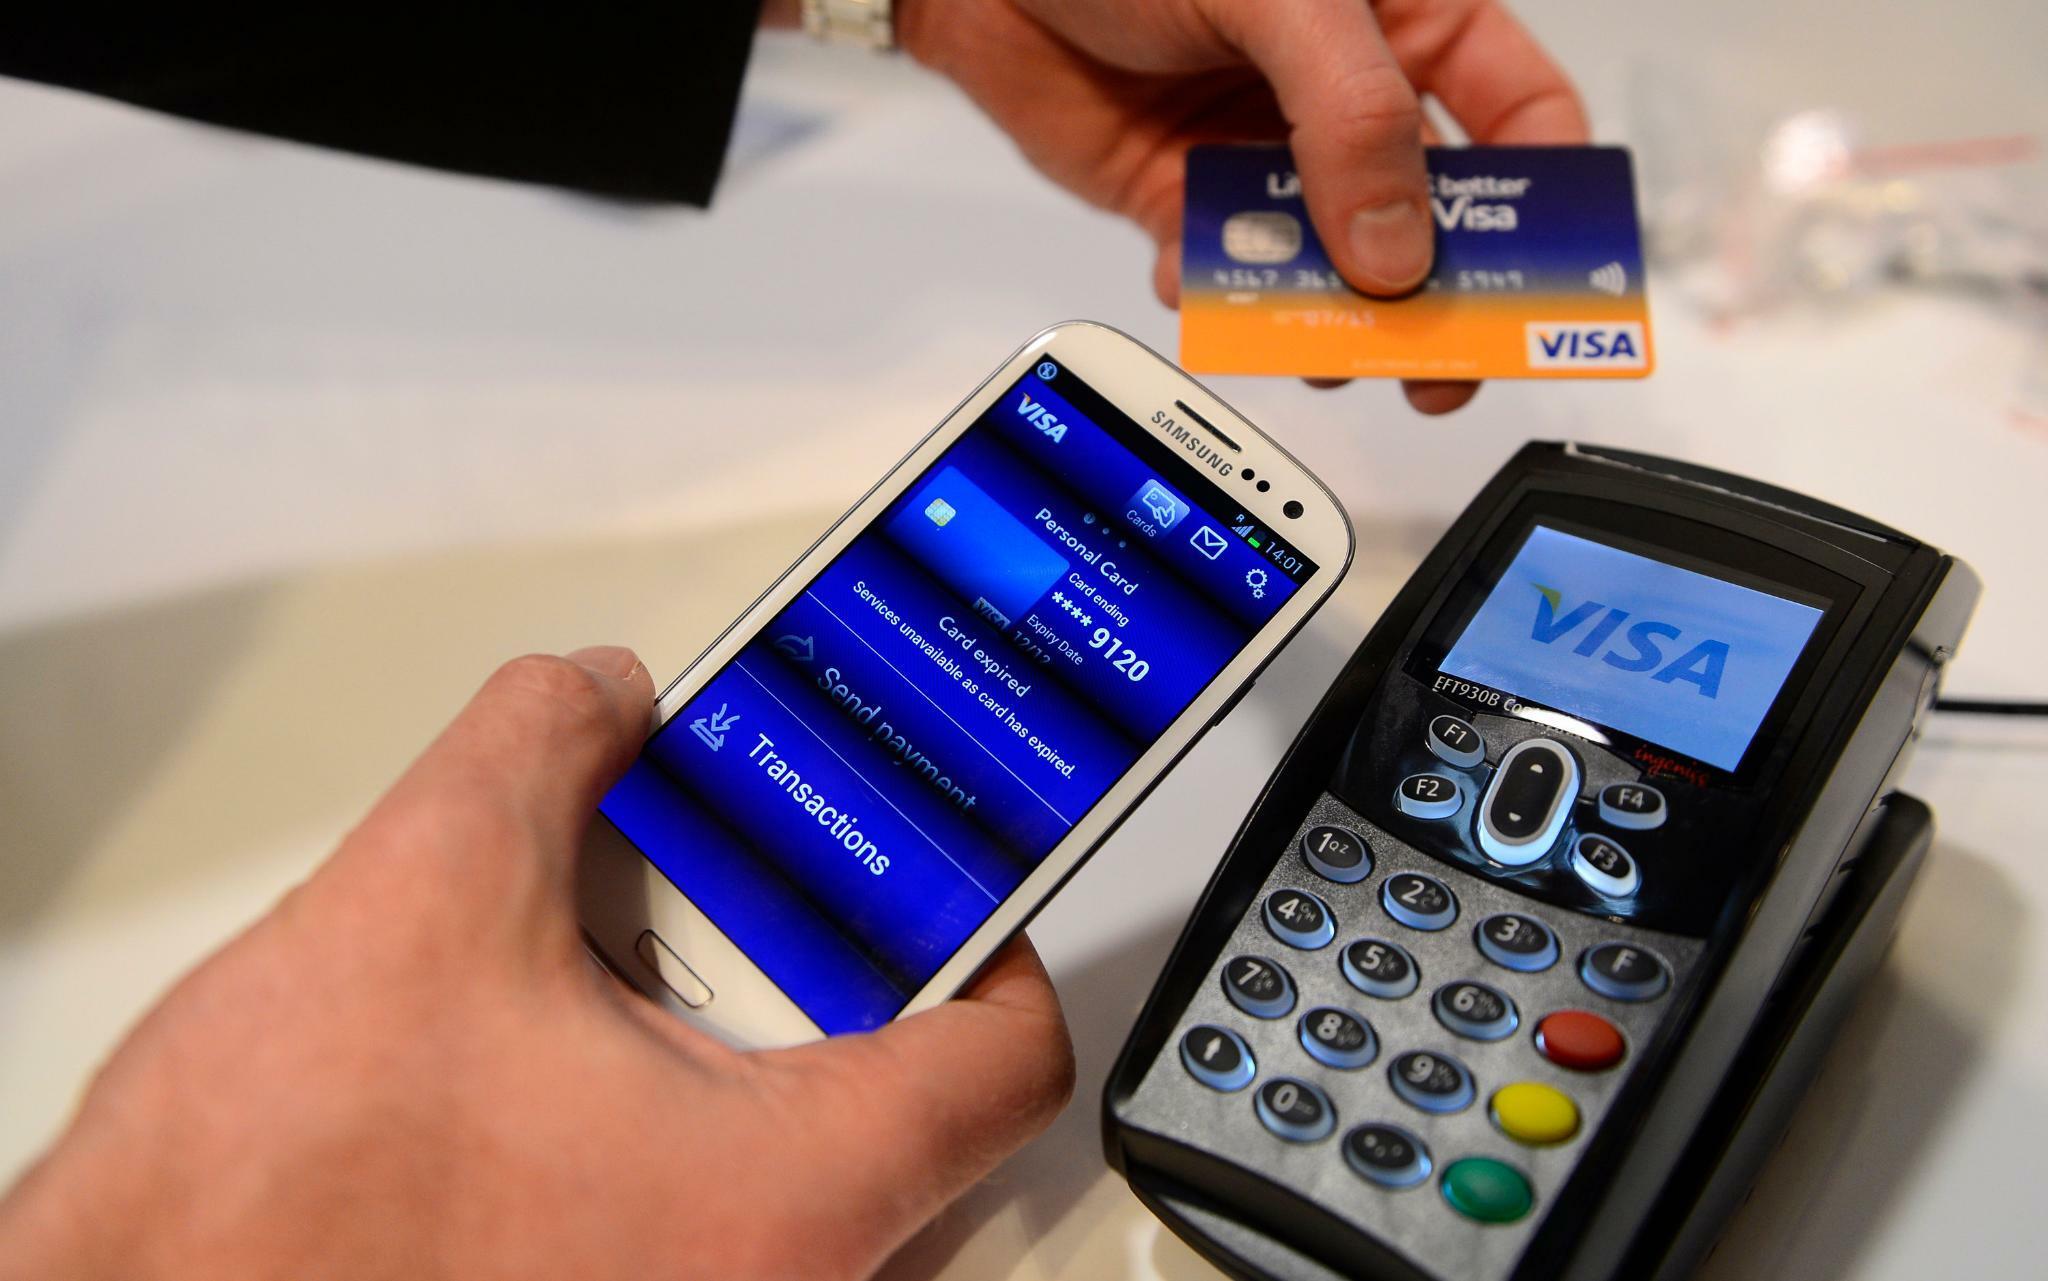 Verbraucher wollen Zahlungsdaten nicht weitergeben